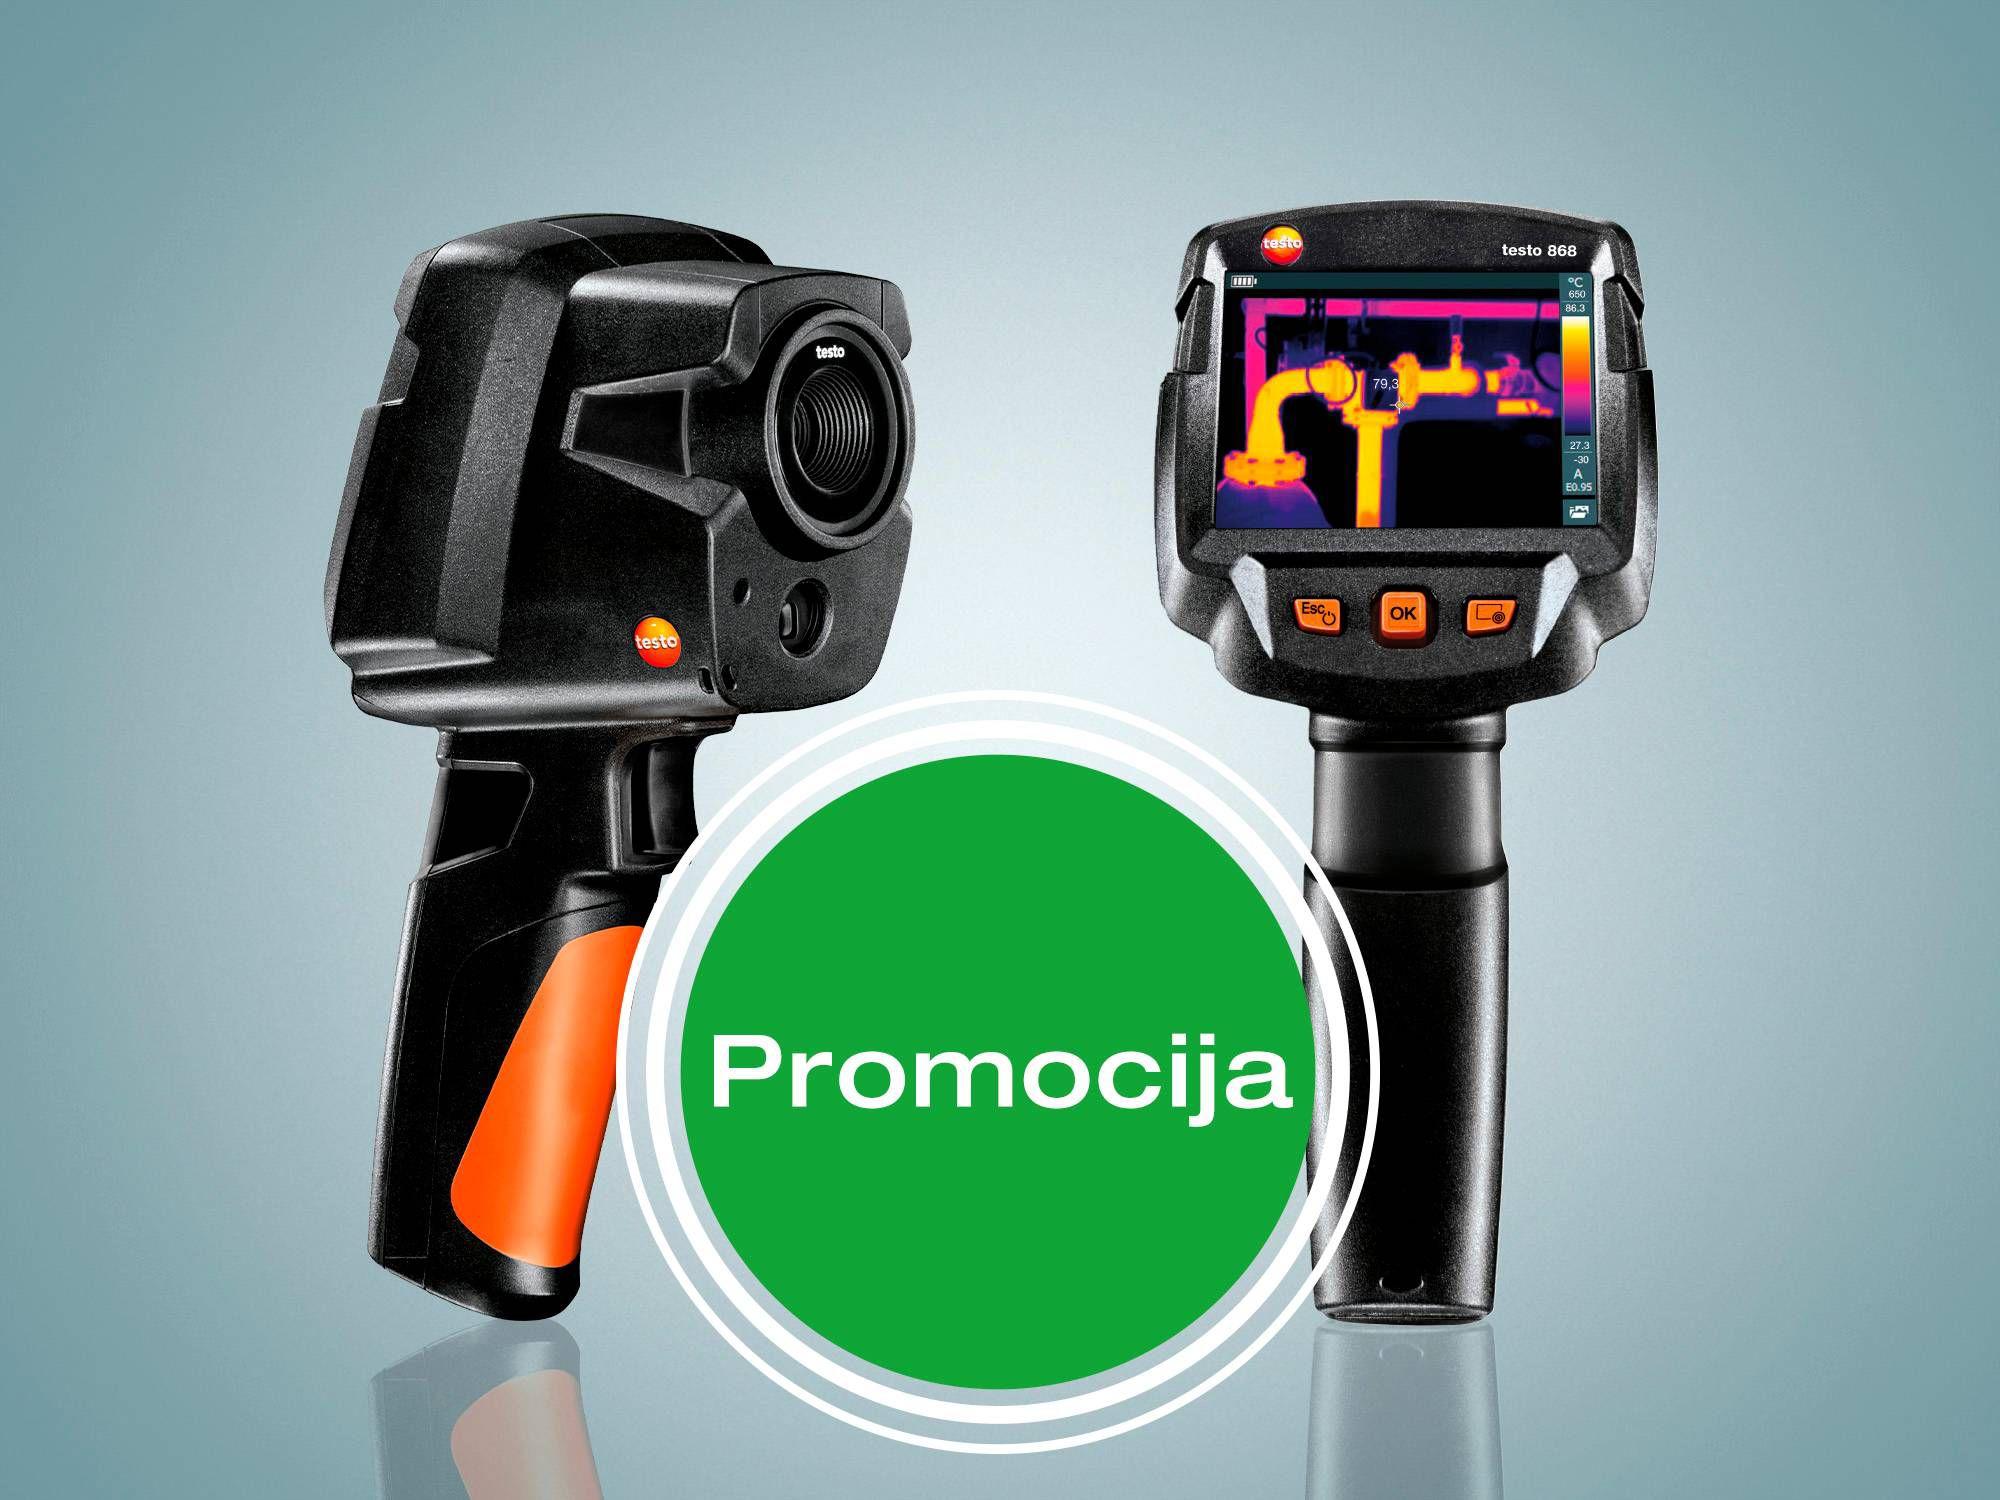 TI-promo-2020-testo-868-PROMO-HR.jpg